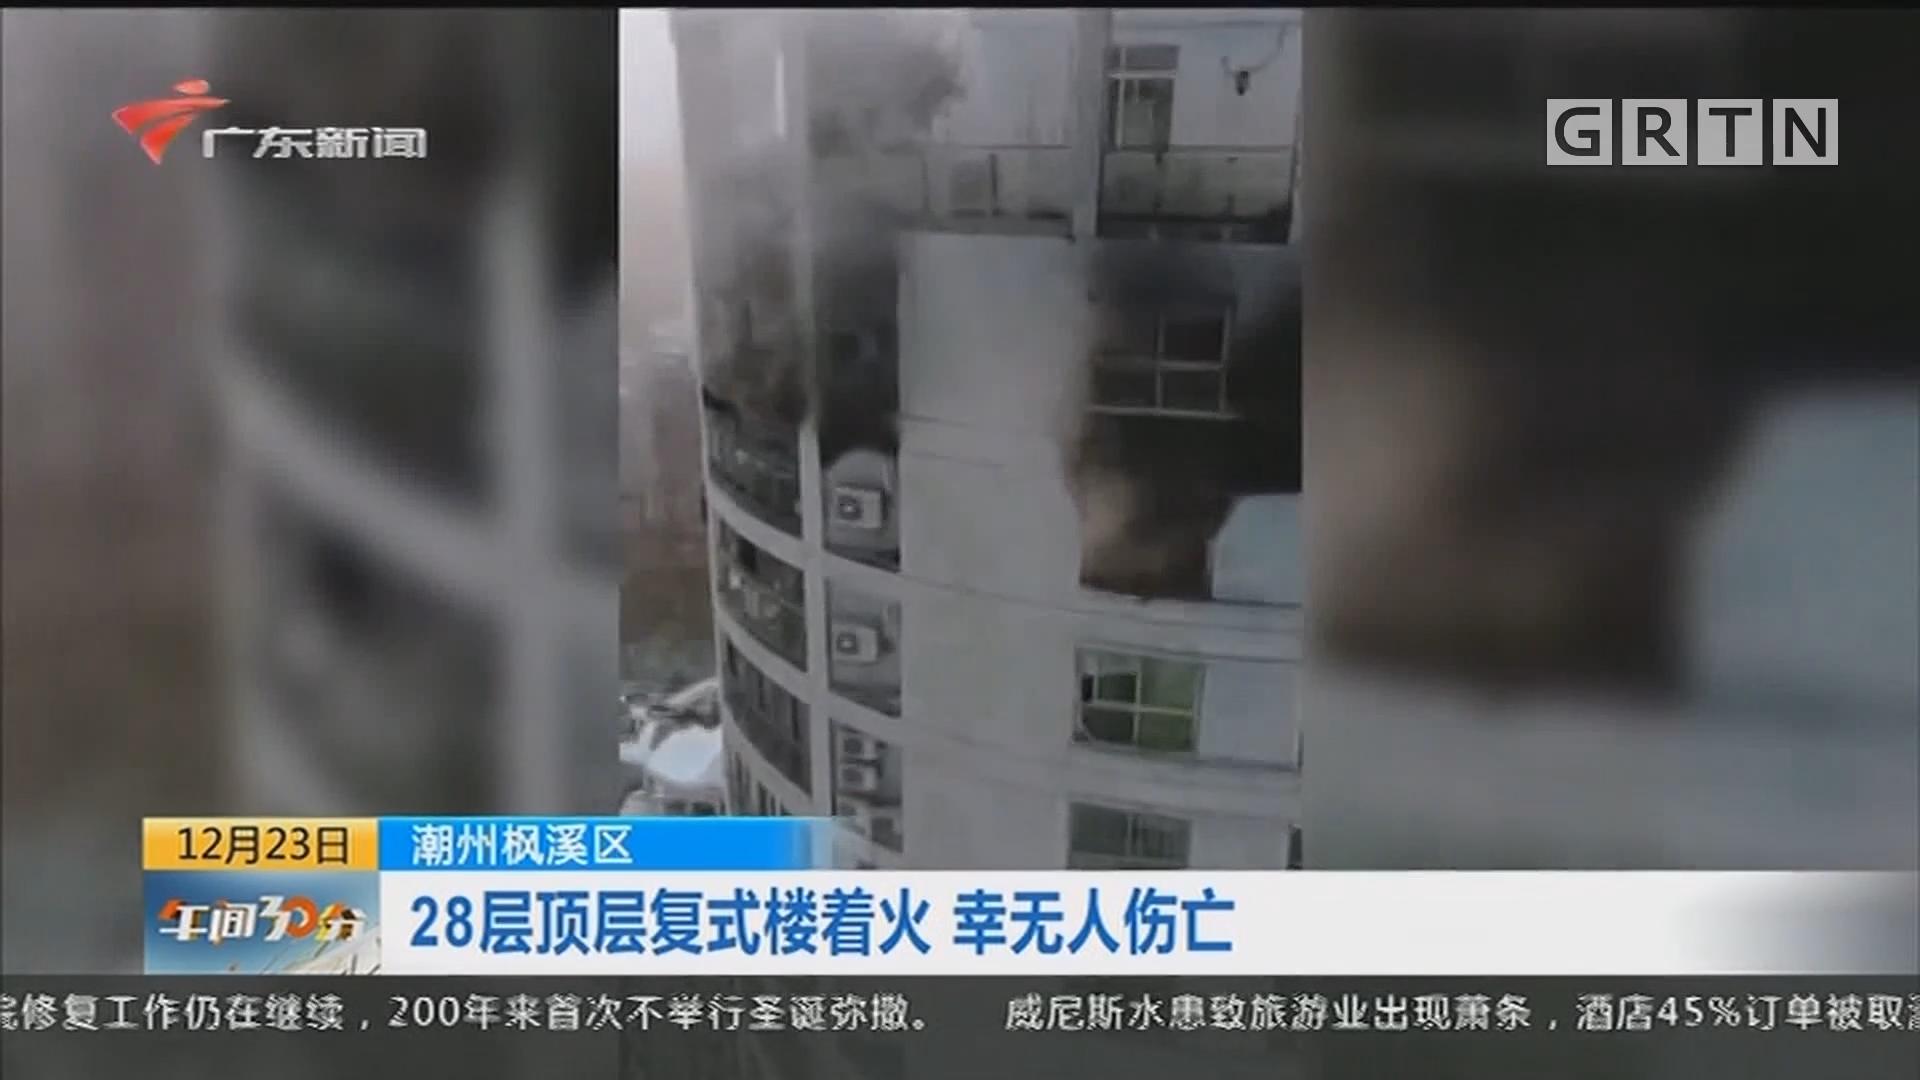 潮州枫溪区:28层顶层复式楼着火 幸无人伤亡